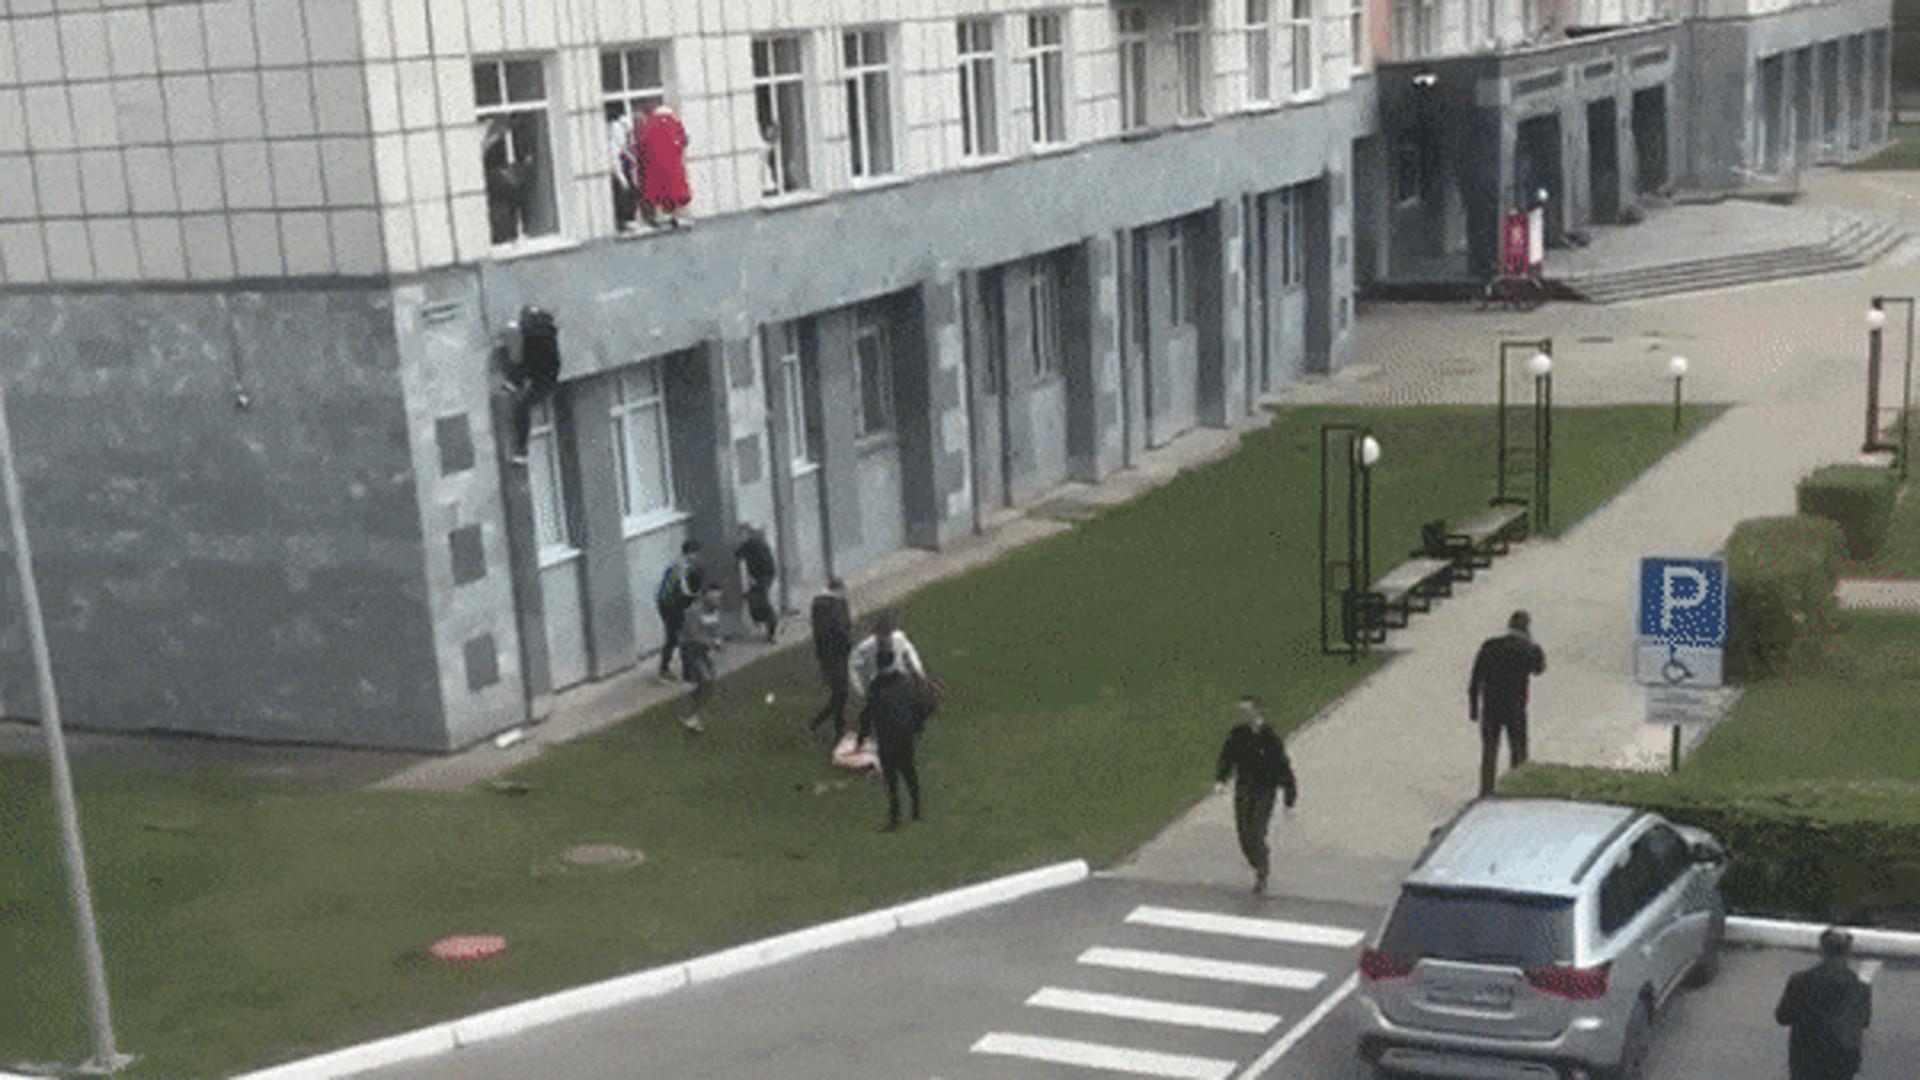 «Смешно наблюдать»: профессор объяснил свой поступок во время стрельбы в Перми